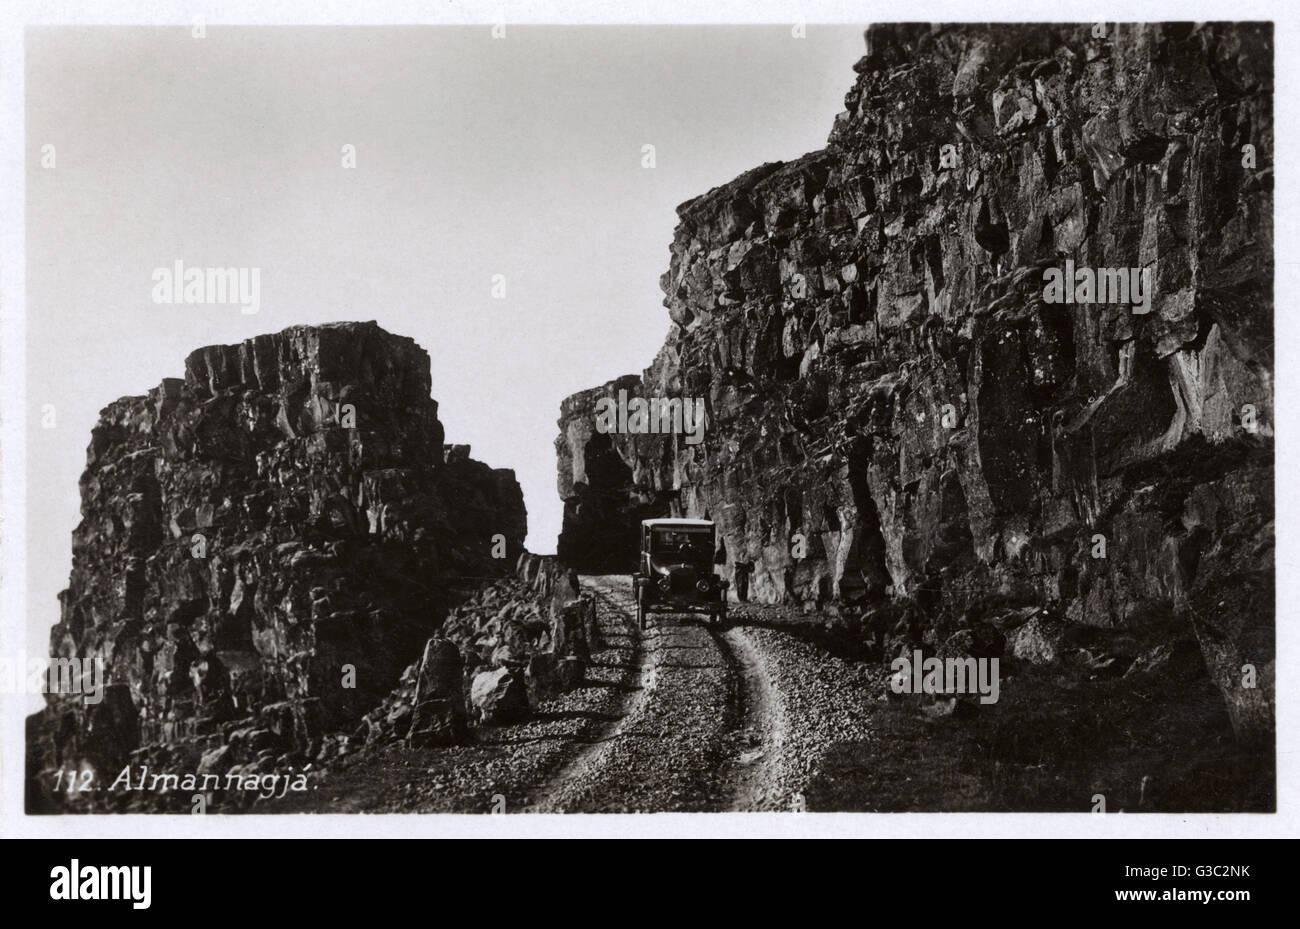 Ein Auto navigiert vorsichtig entlang einer Bahn innerhalb der Almannagja-Schlucht - eine natürliche Bruchlinie Stockbild